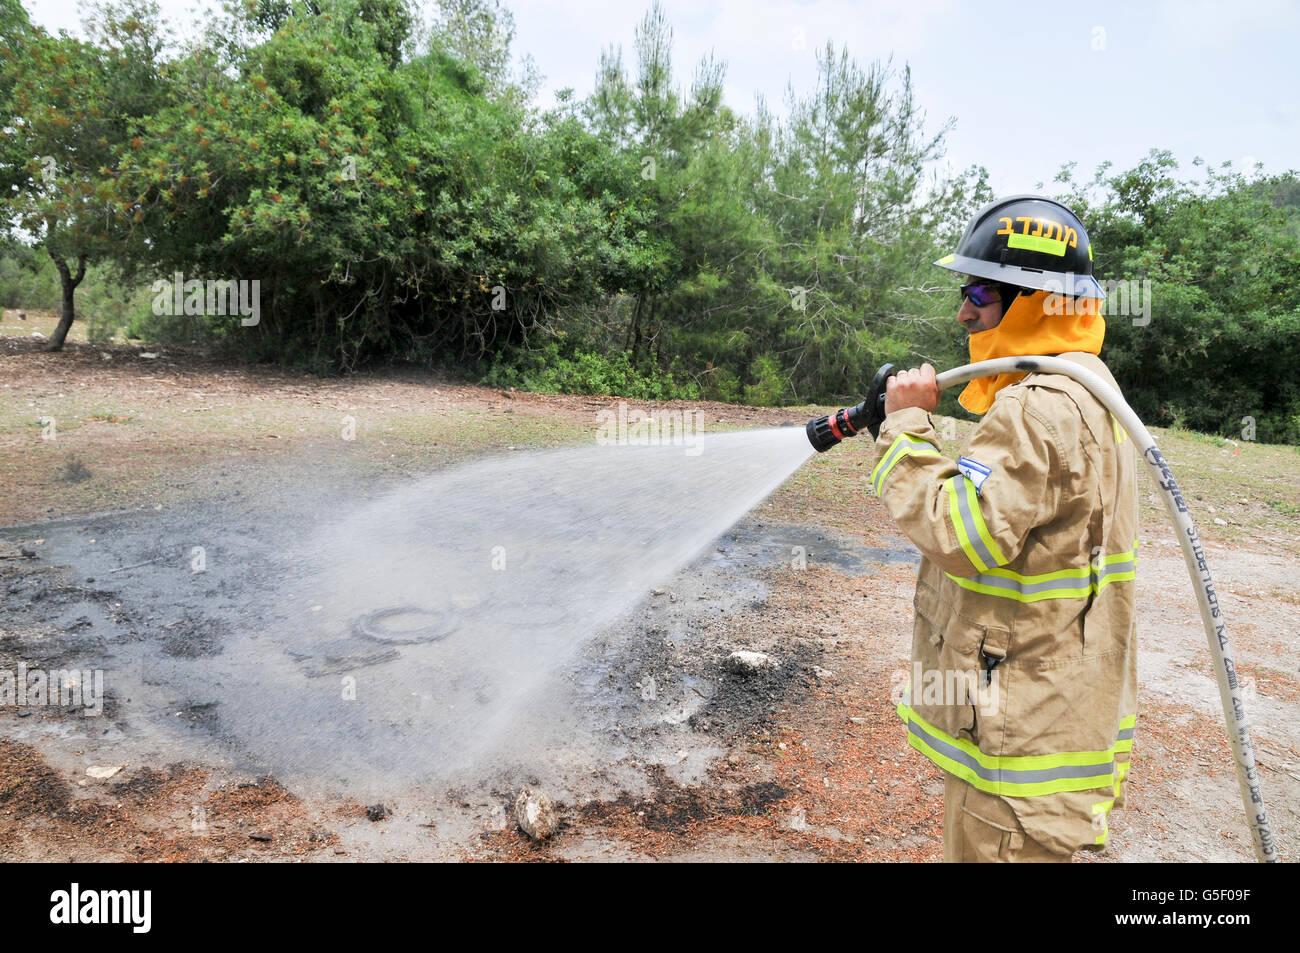 Feuerwehrmann in Schutzkleidung löscht ein Feuer als Bestandteil eine Brandbekämpfung Bohrer Stockbild